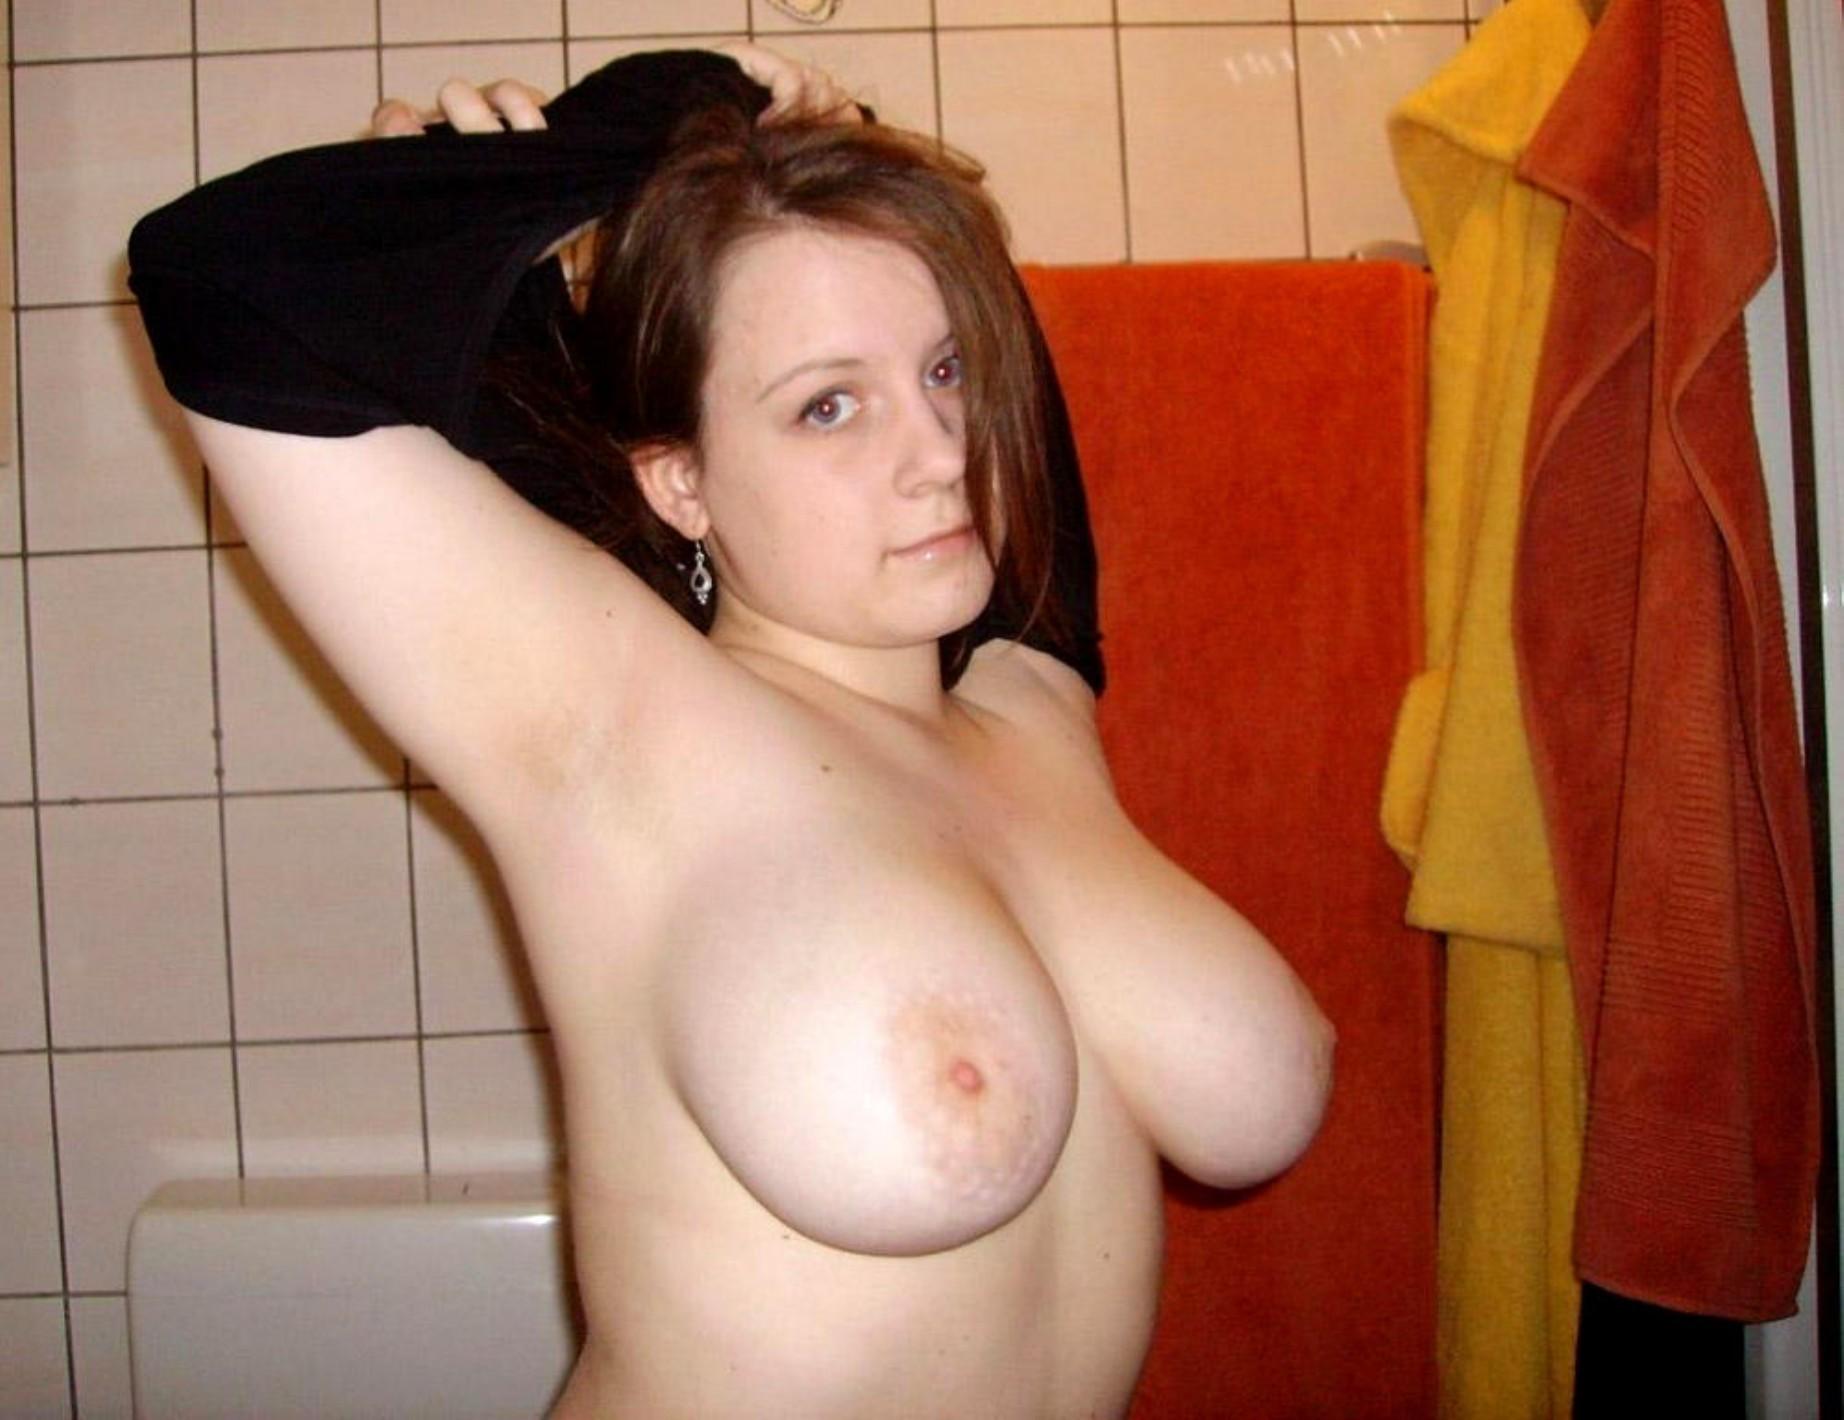 Частные натуральная большая грудь, Большая натуральная грудь порно видео, здоровые 8 фотография